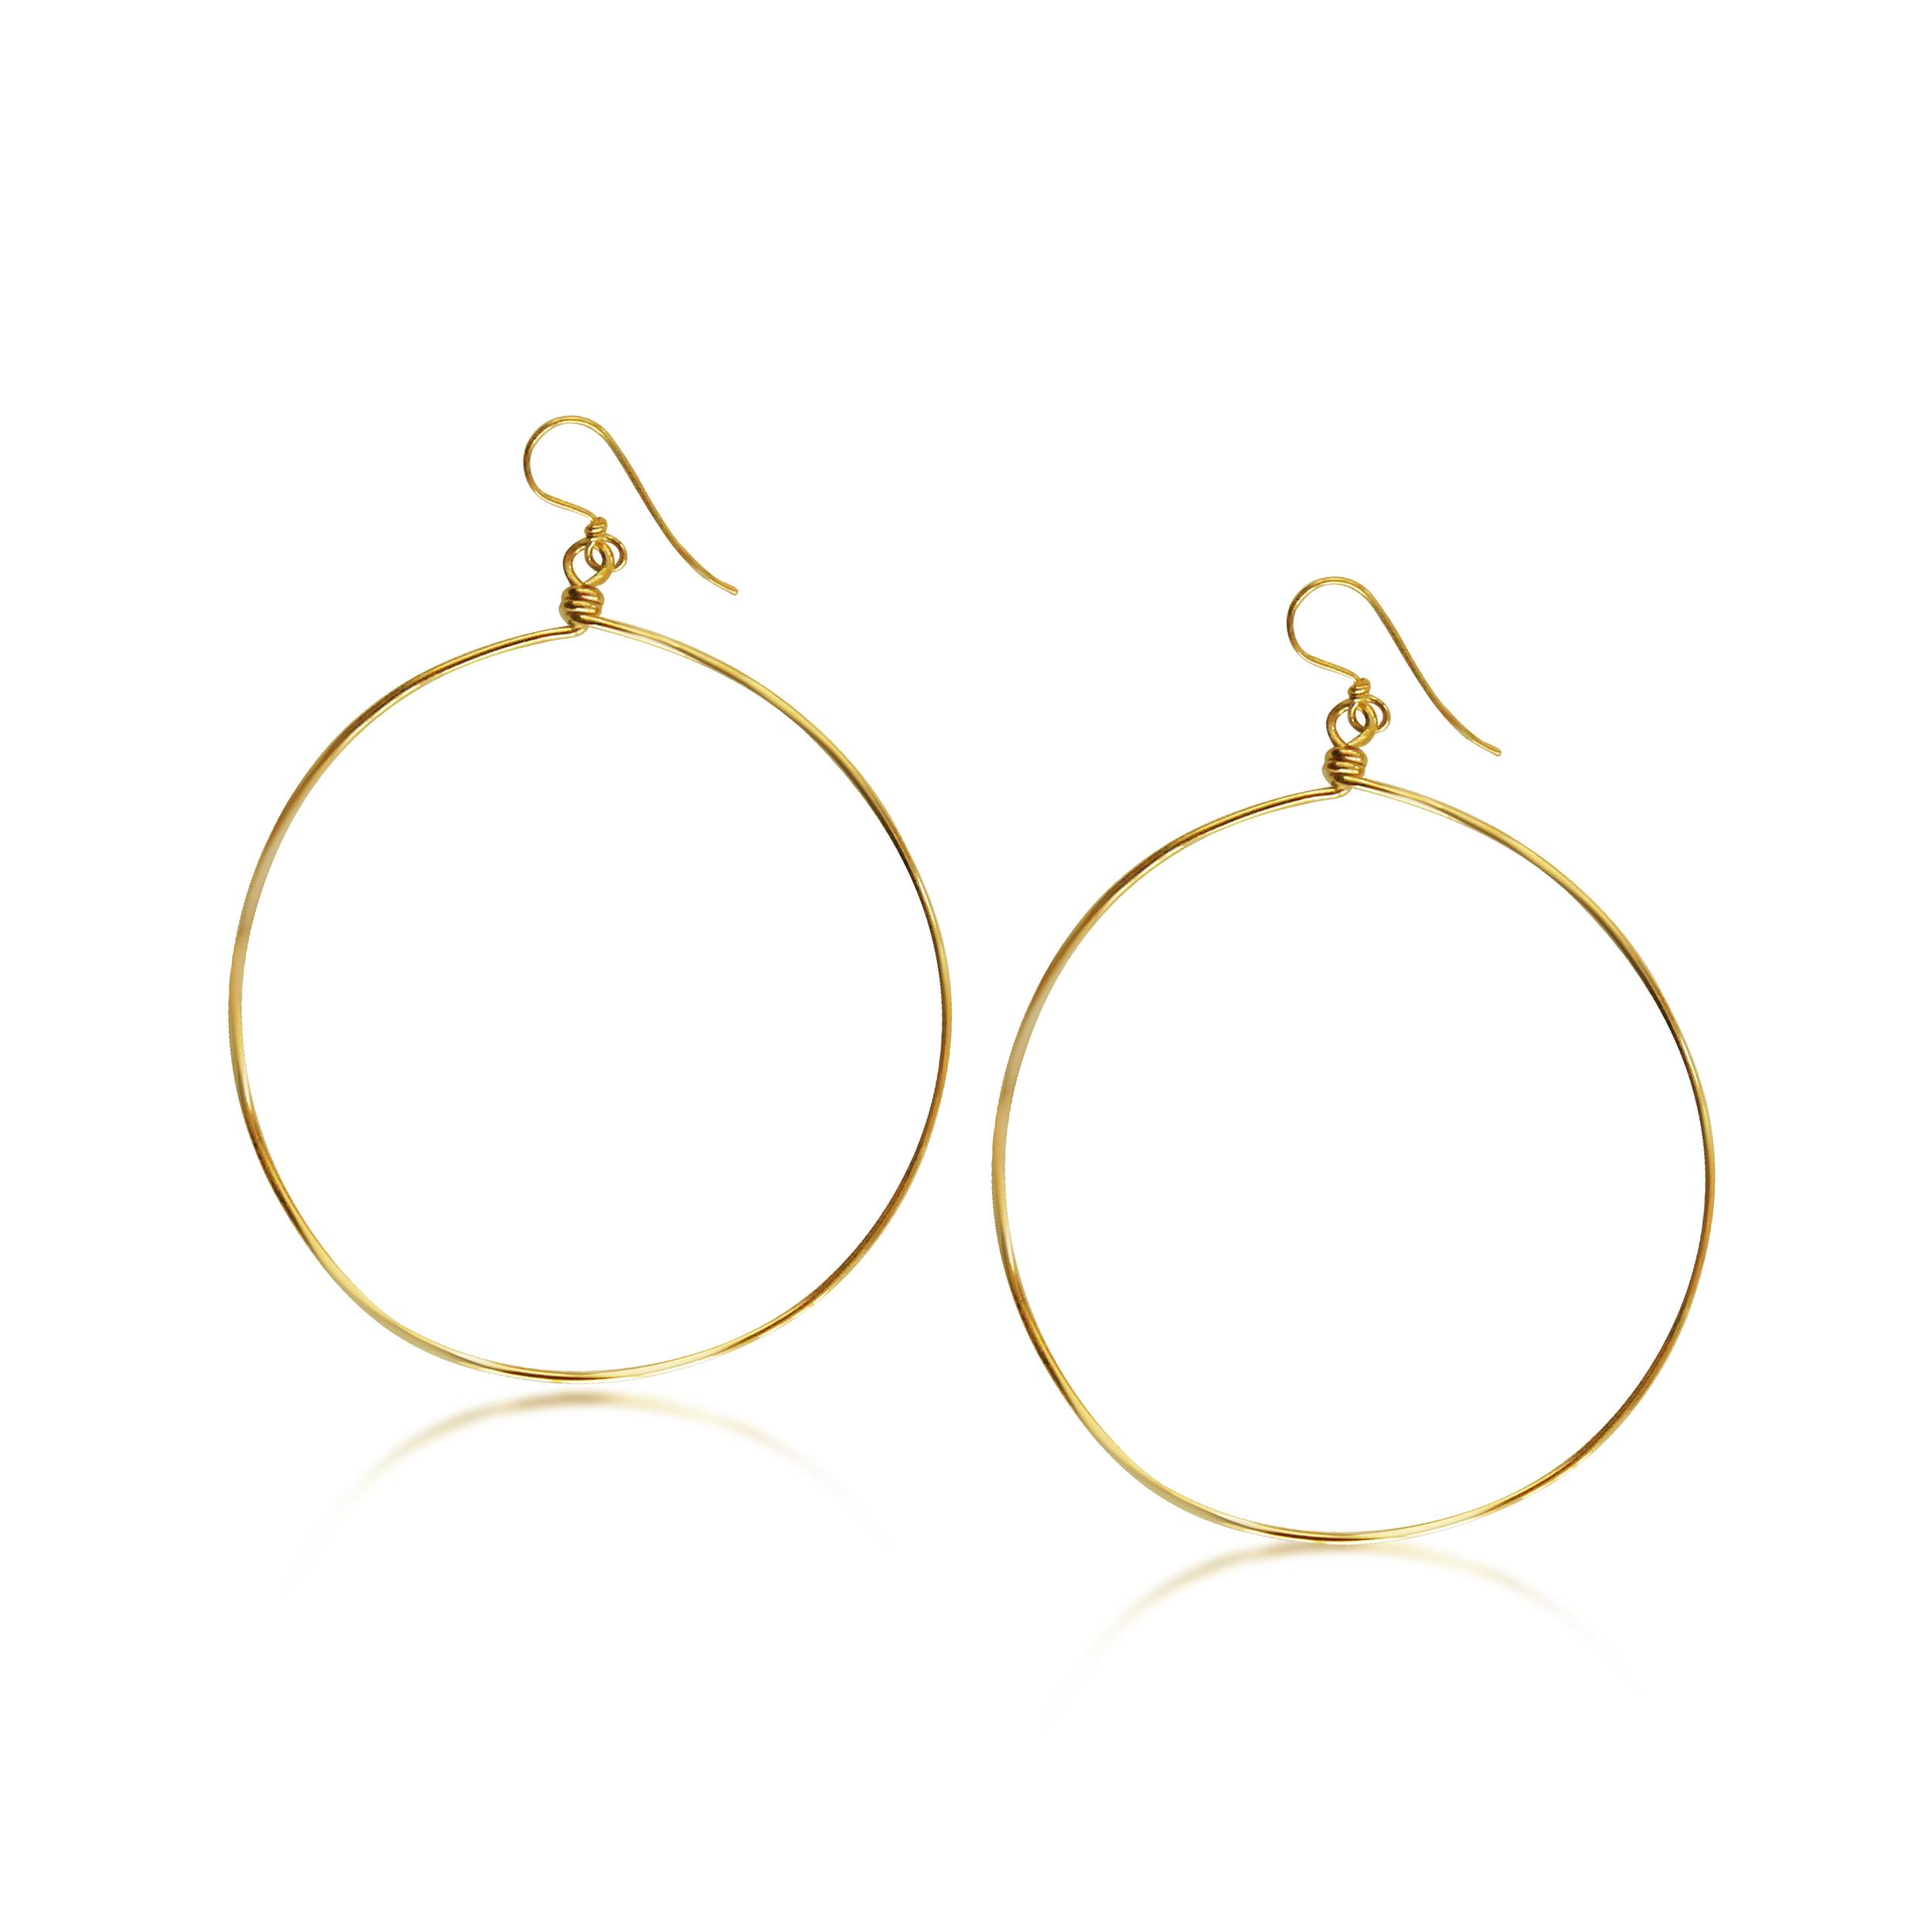 Gold-plated-silver-hoop-earrings.jpg